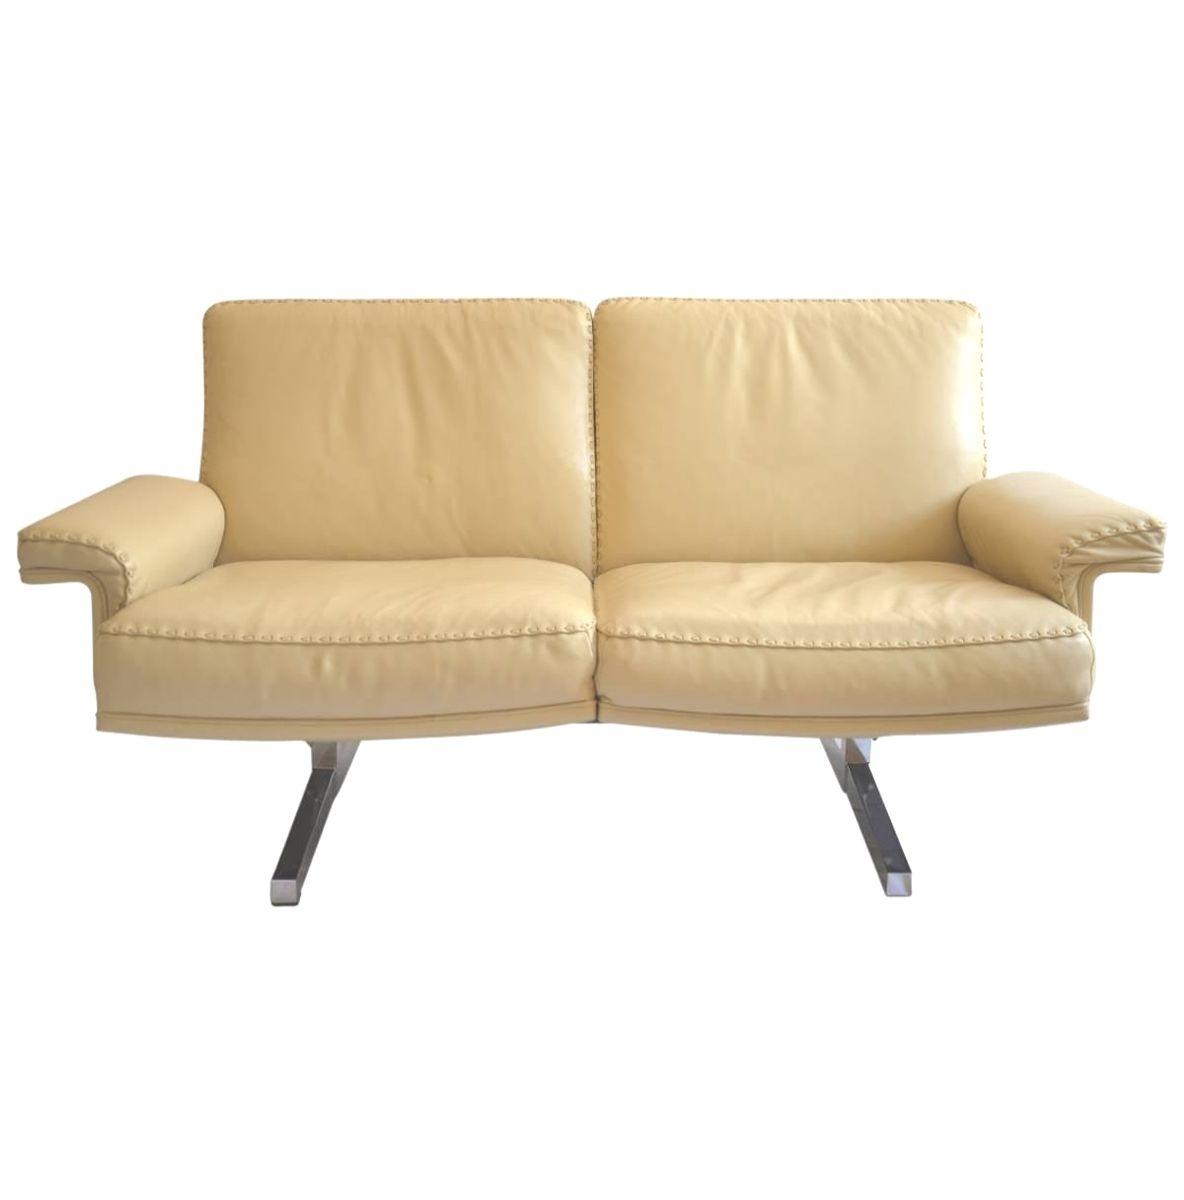 ds 35 zwei sitzer sofa von de sede 1970er bei pamono kaufen. Black Bedroom Furniture Sets. Home Design Ideas